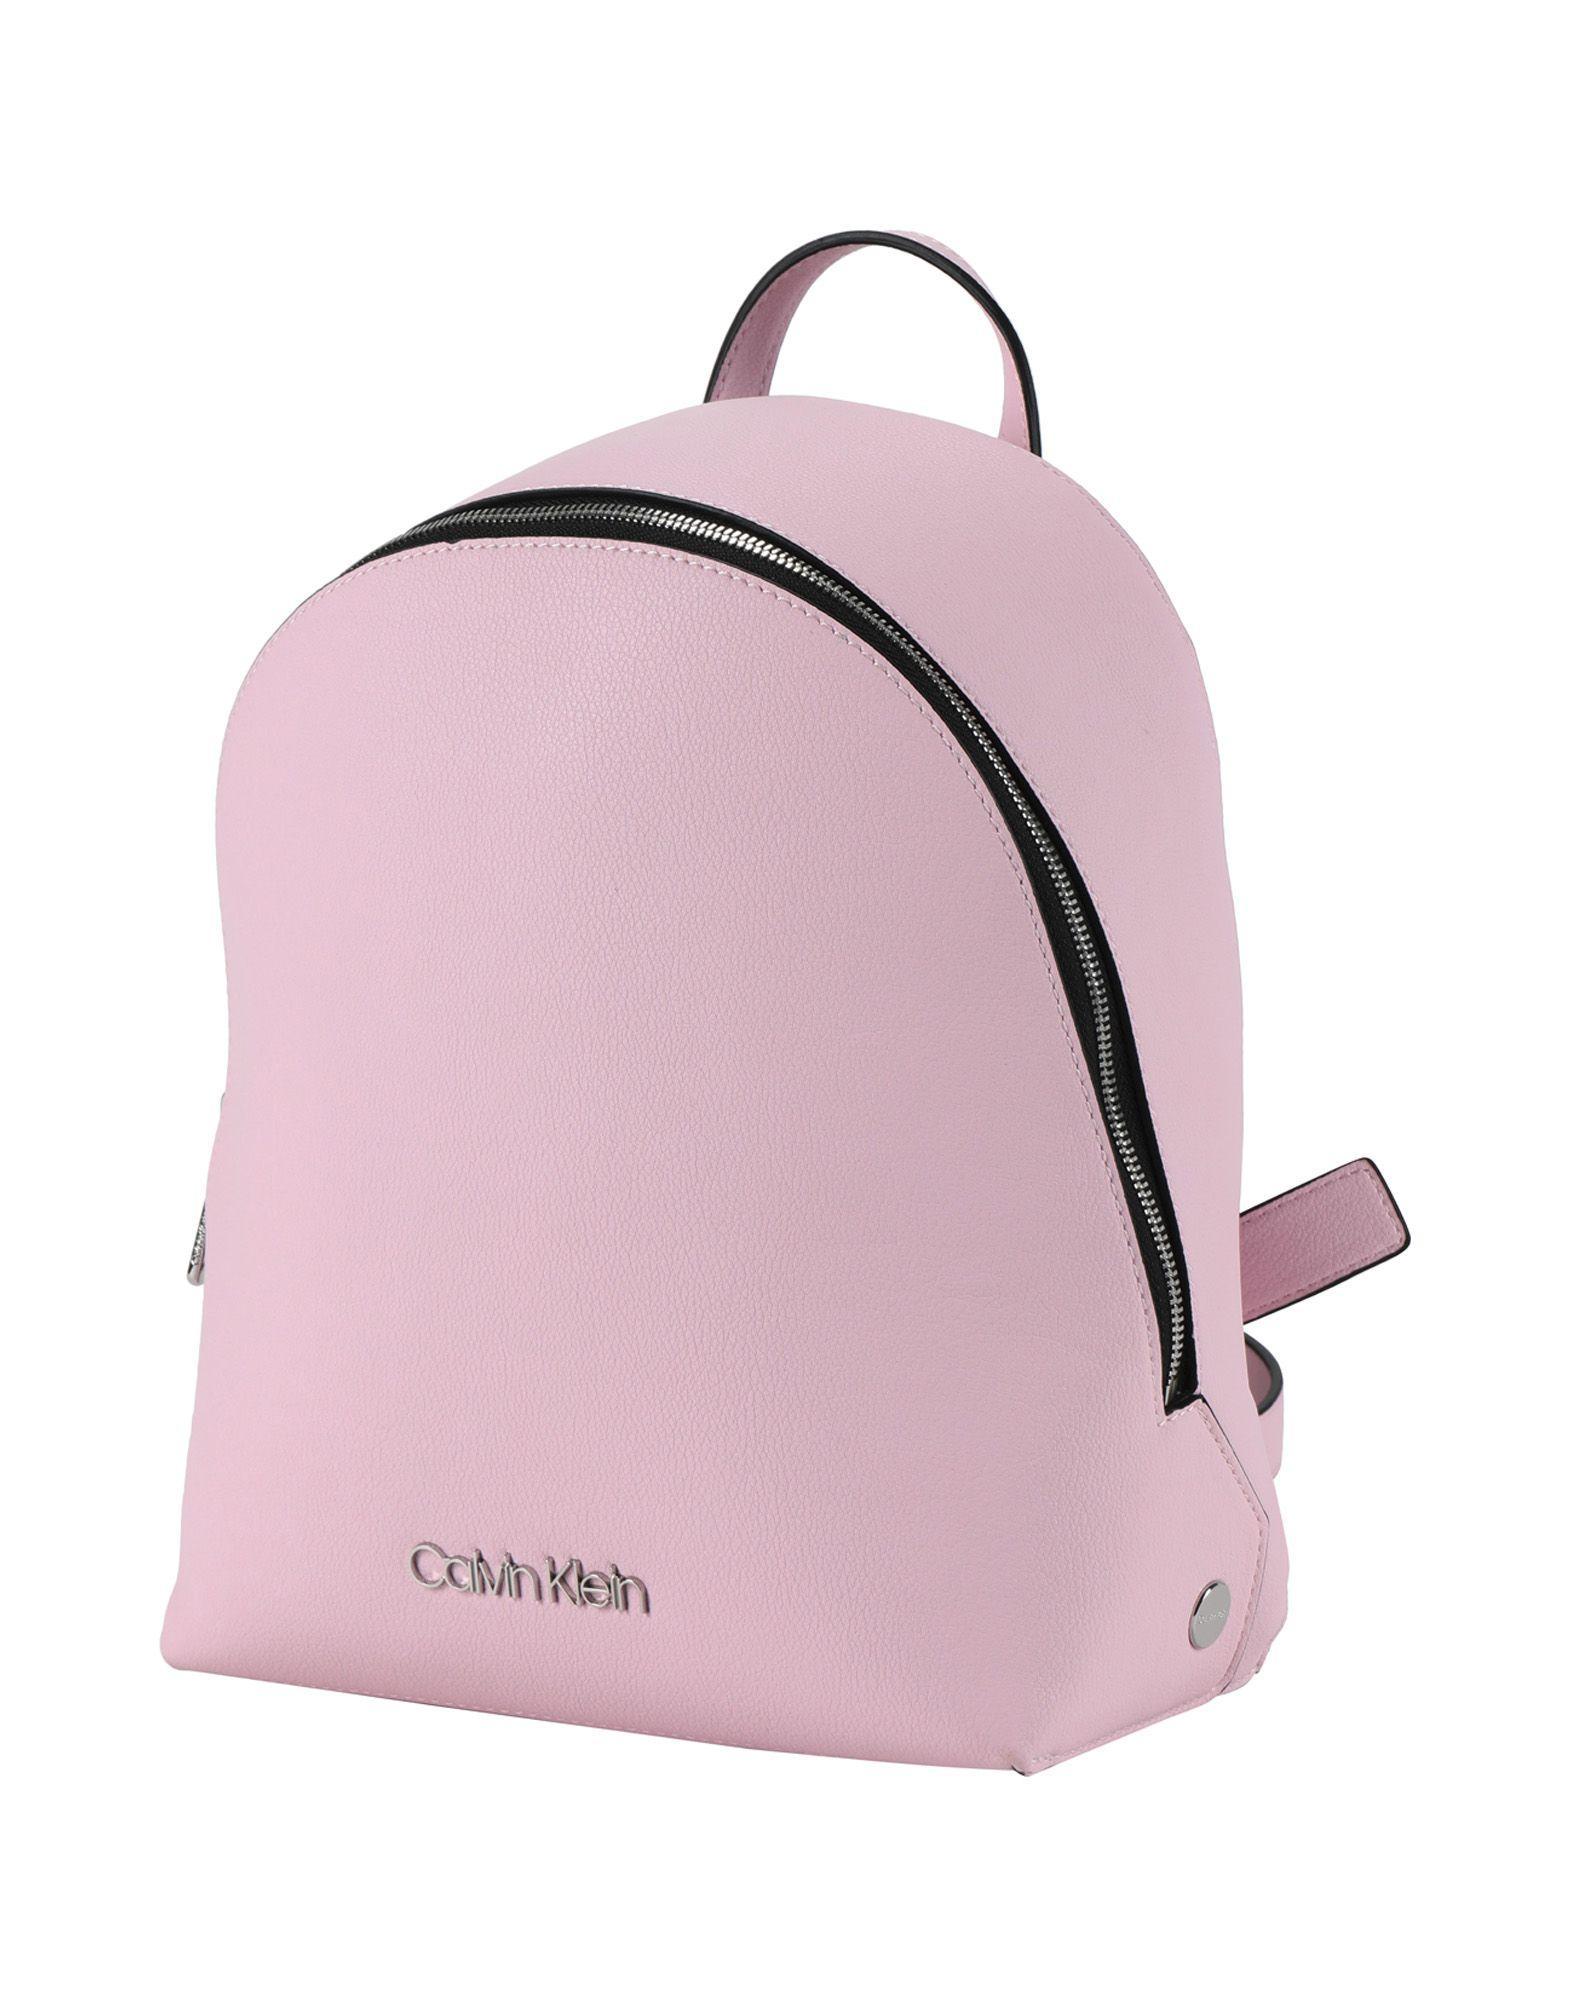 5358715c5e4 Lyst - Mochilas y riñoneras Calvin Klein de color Rosa - 23 % de ...